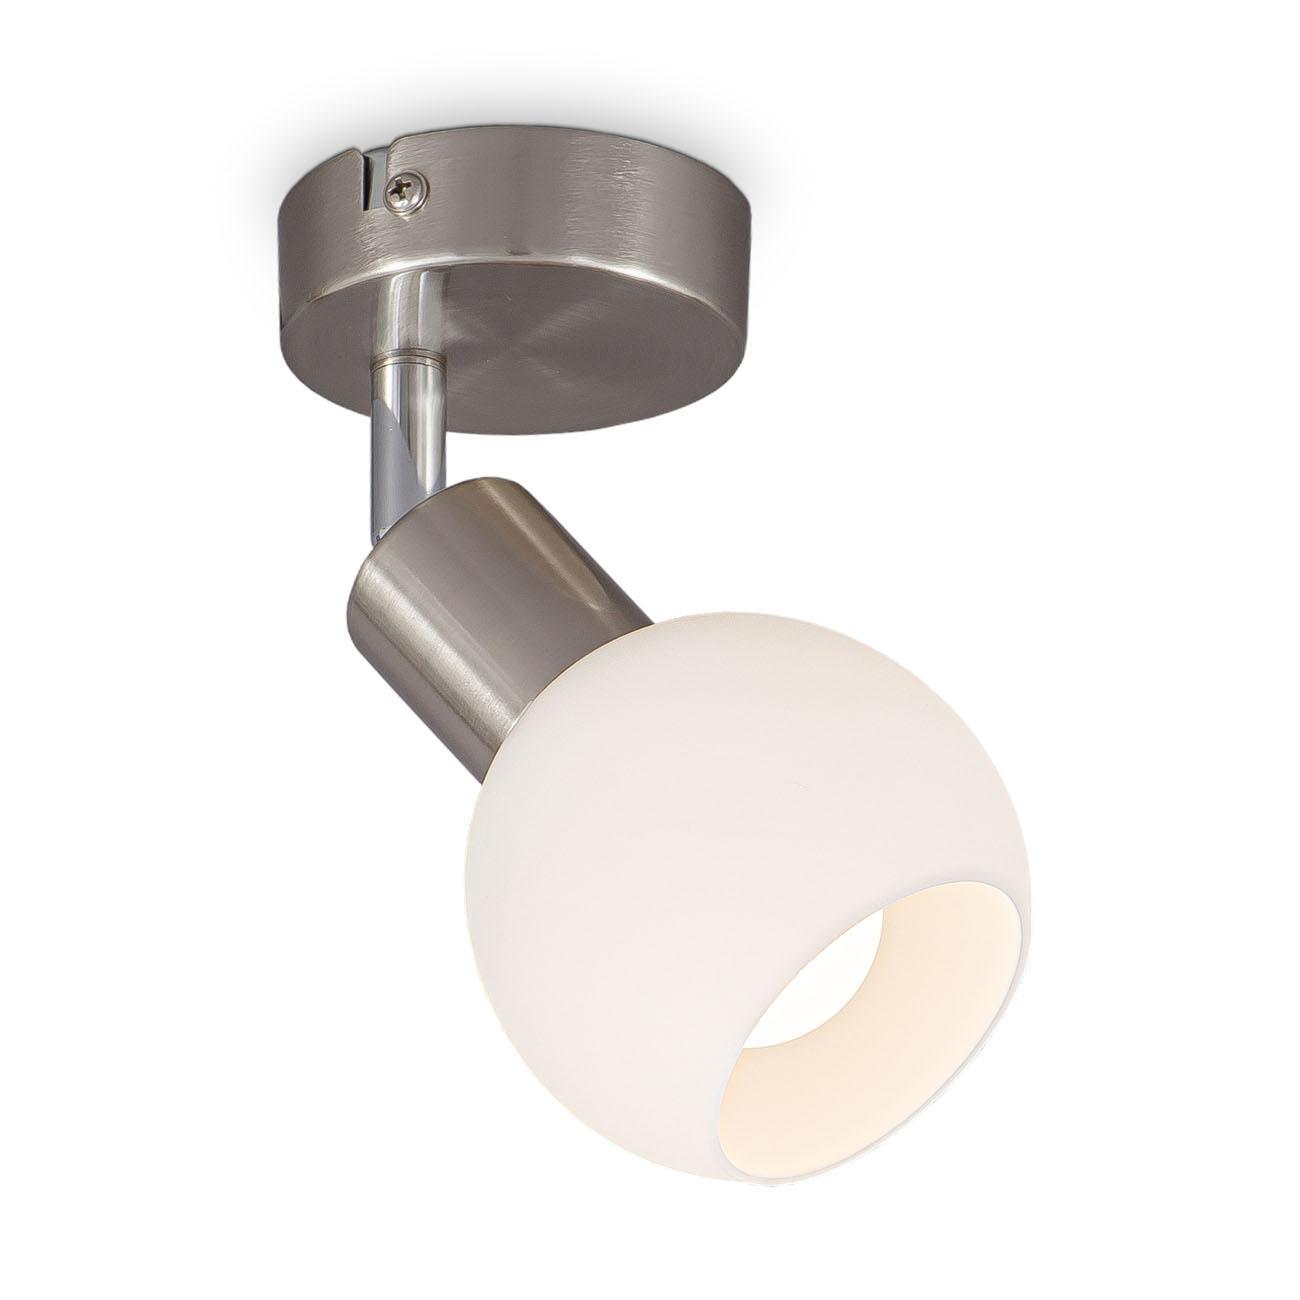 LED Deckenstrahler Deckenspot mit Opalglas